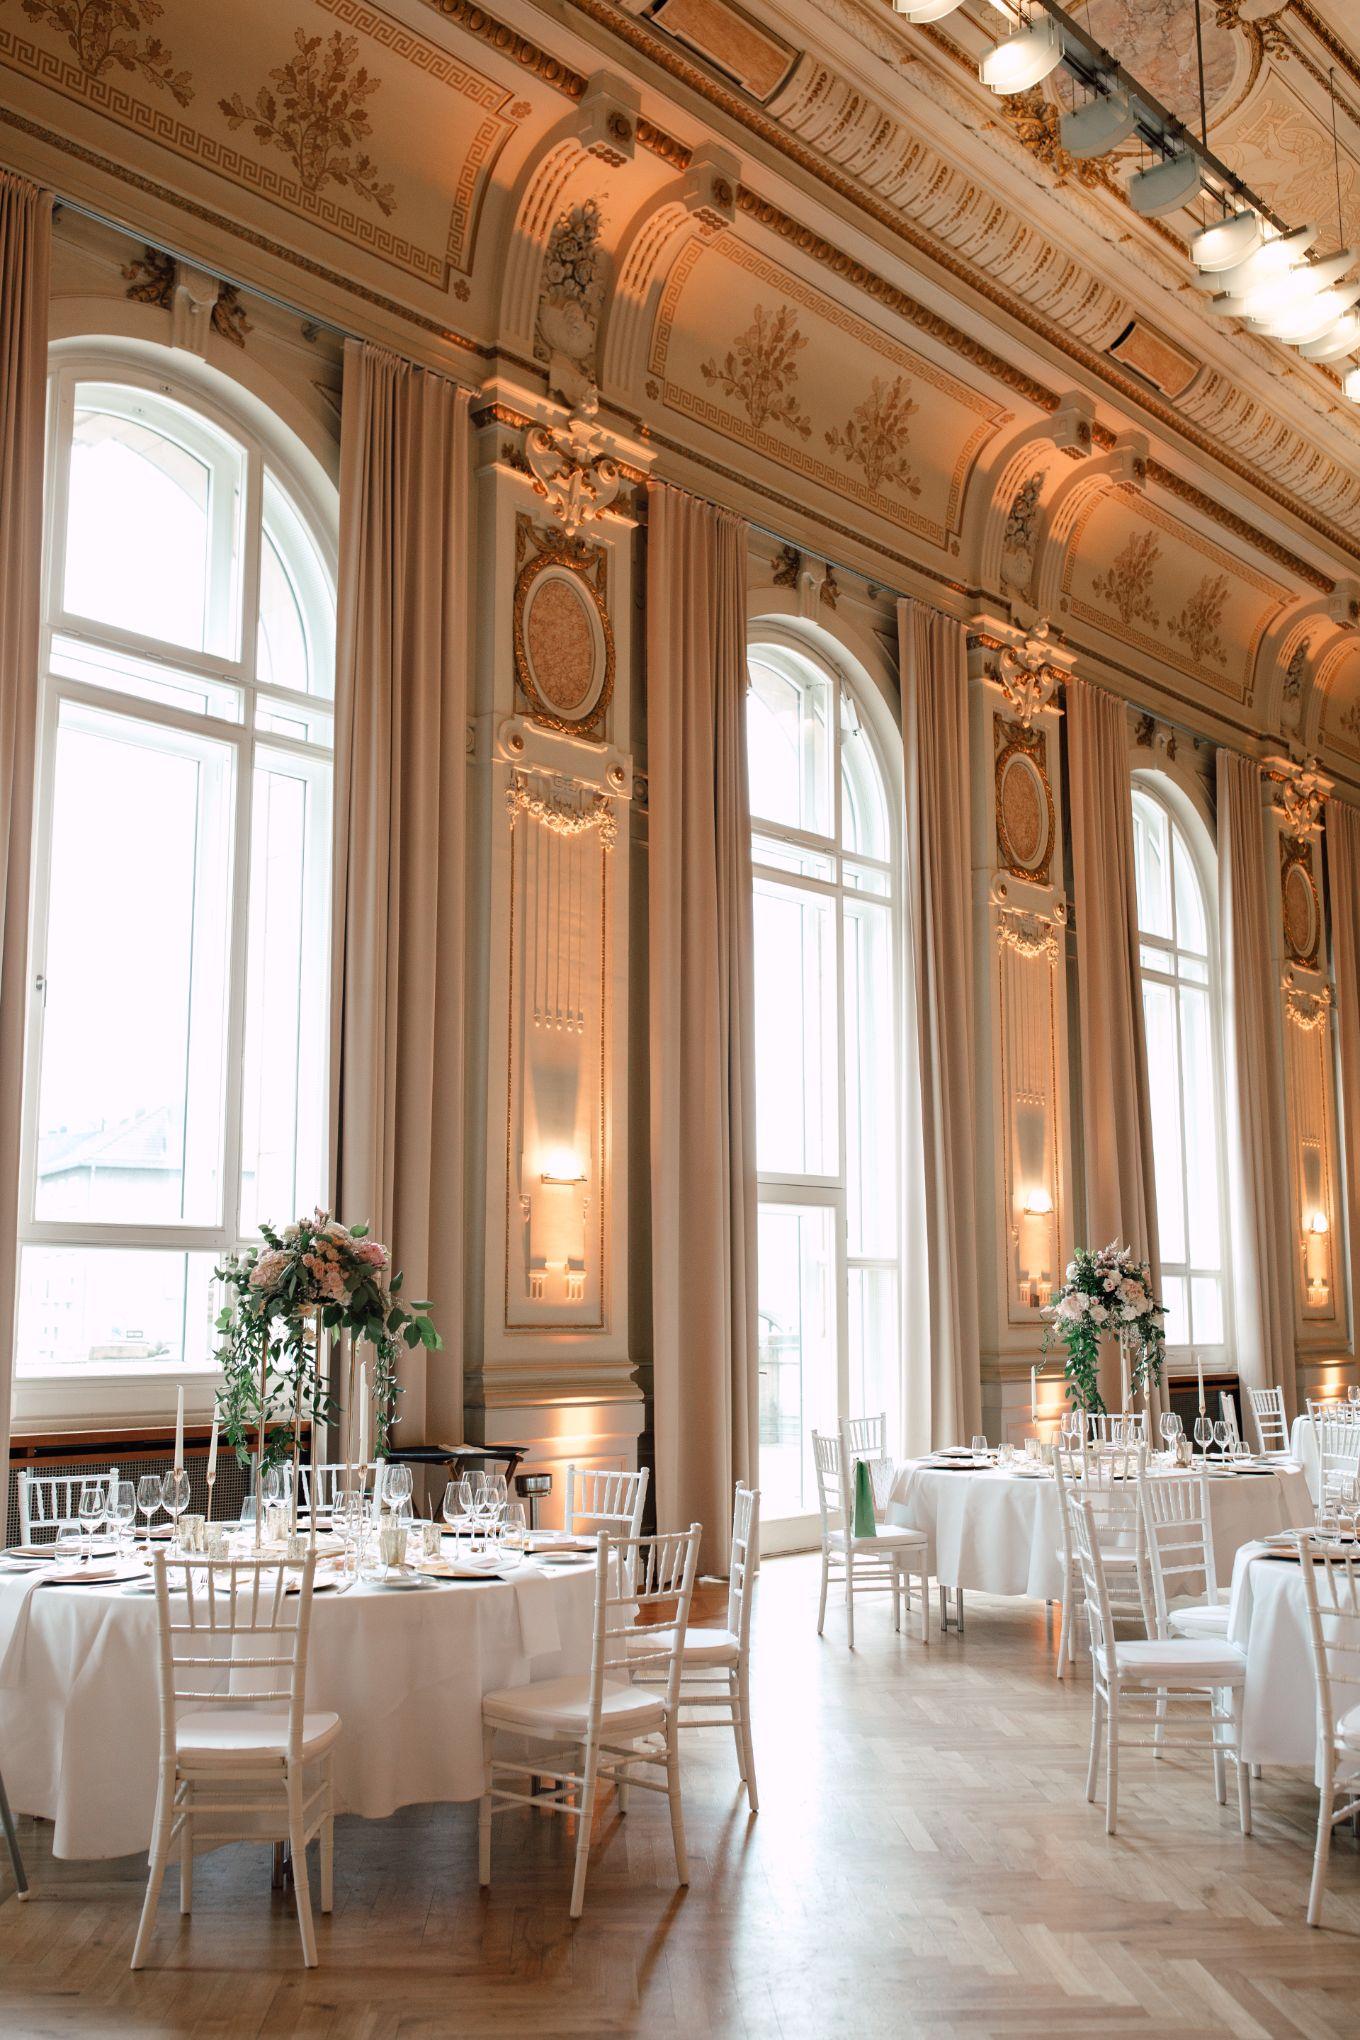 Historische-Stadthalle-Wuppertal-Hochzeit-The-Saums-KN-6-4.jpg